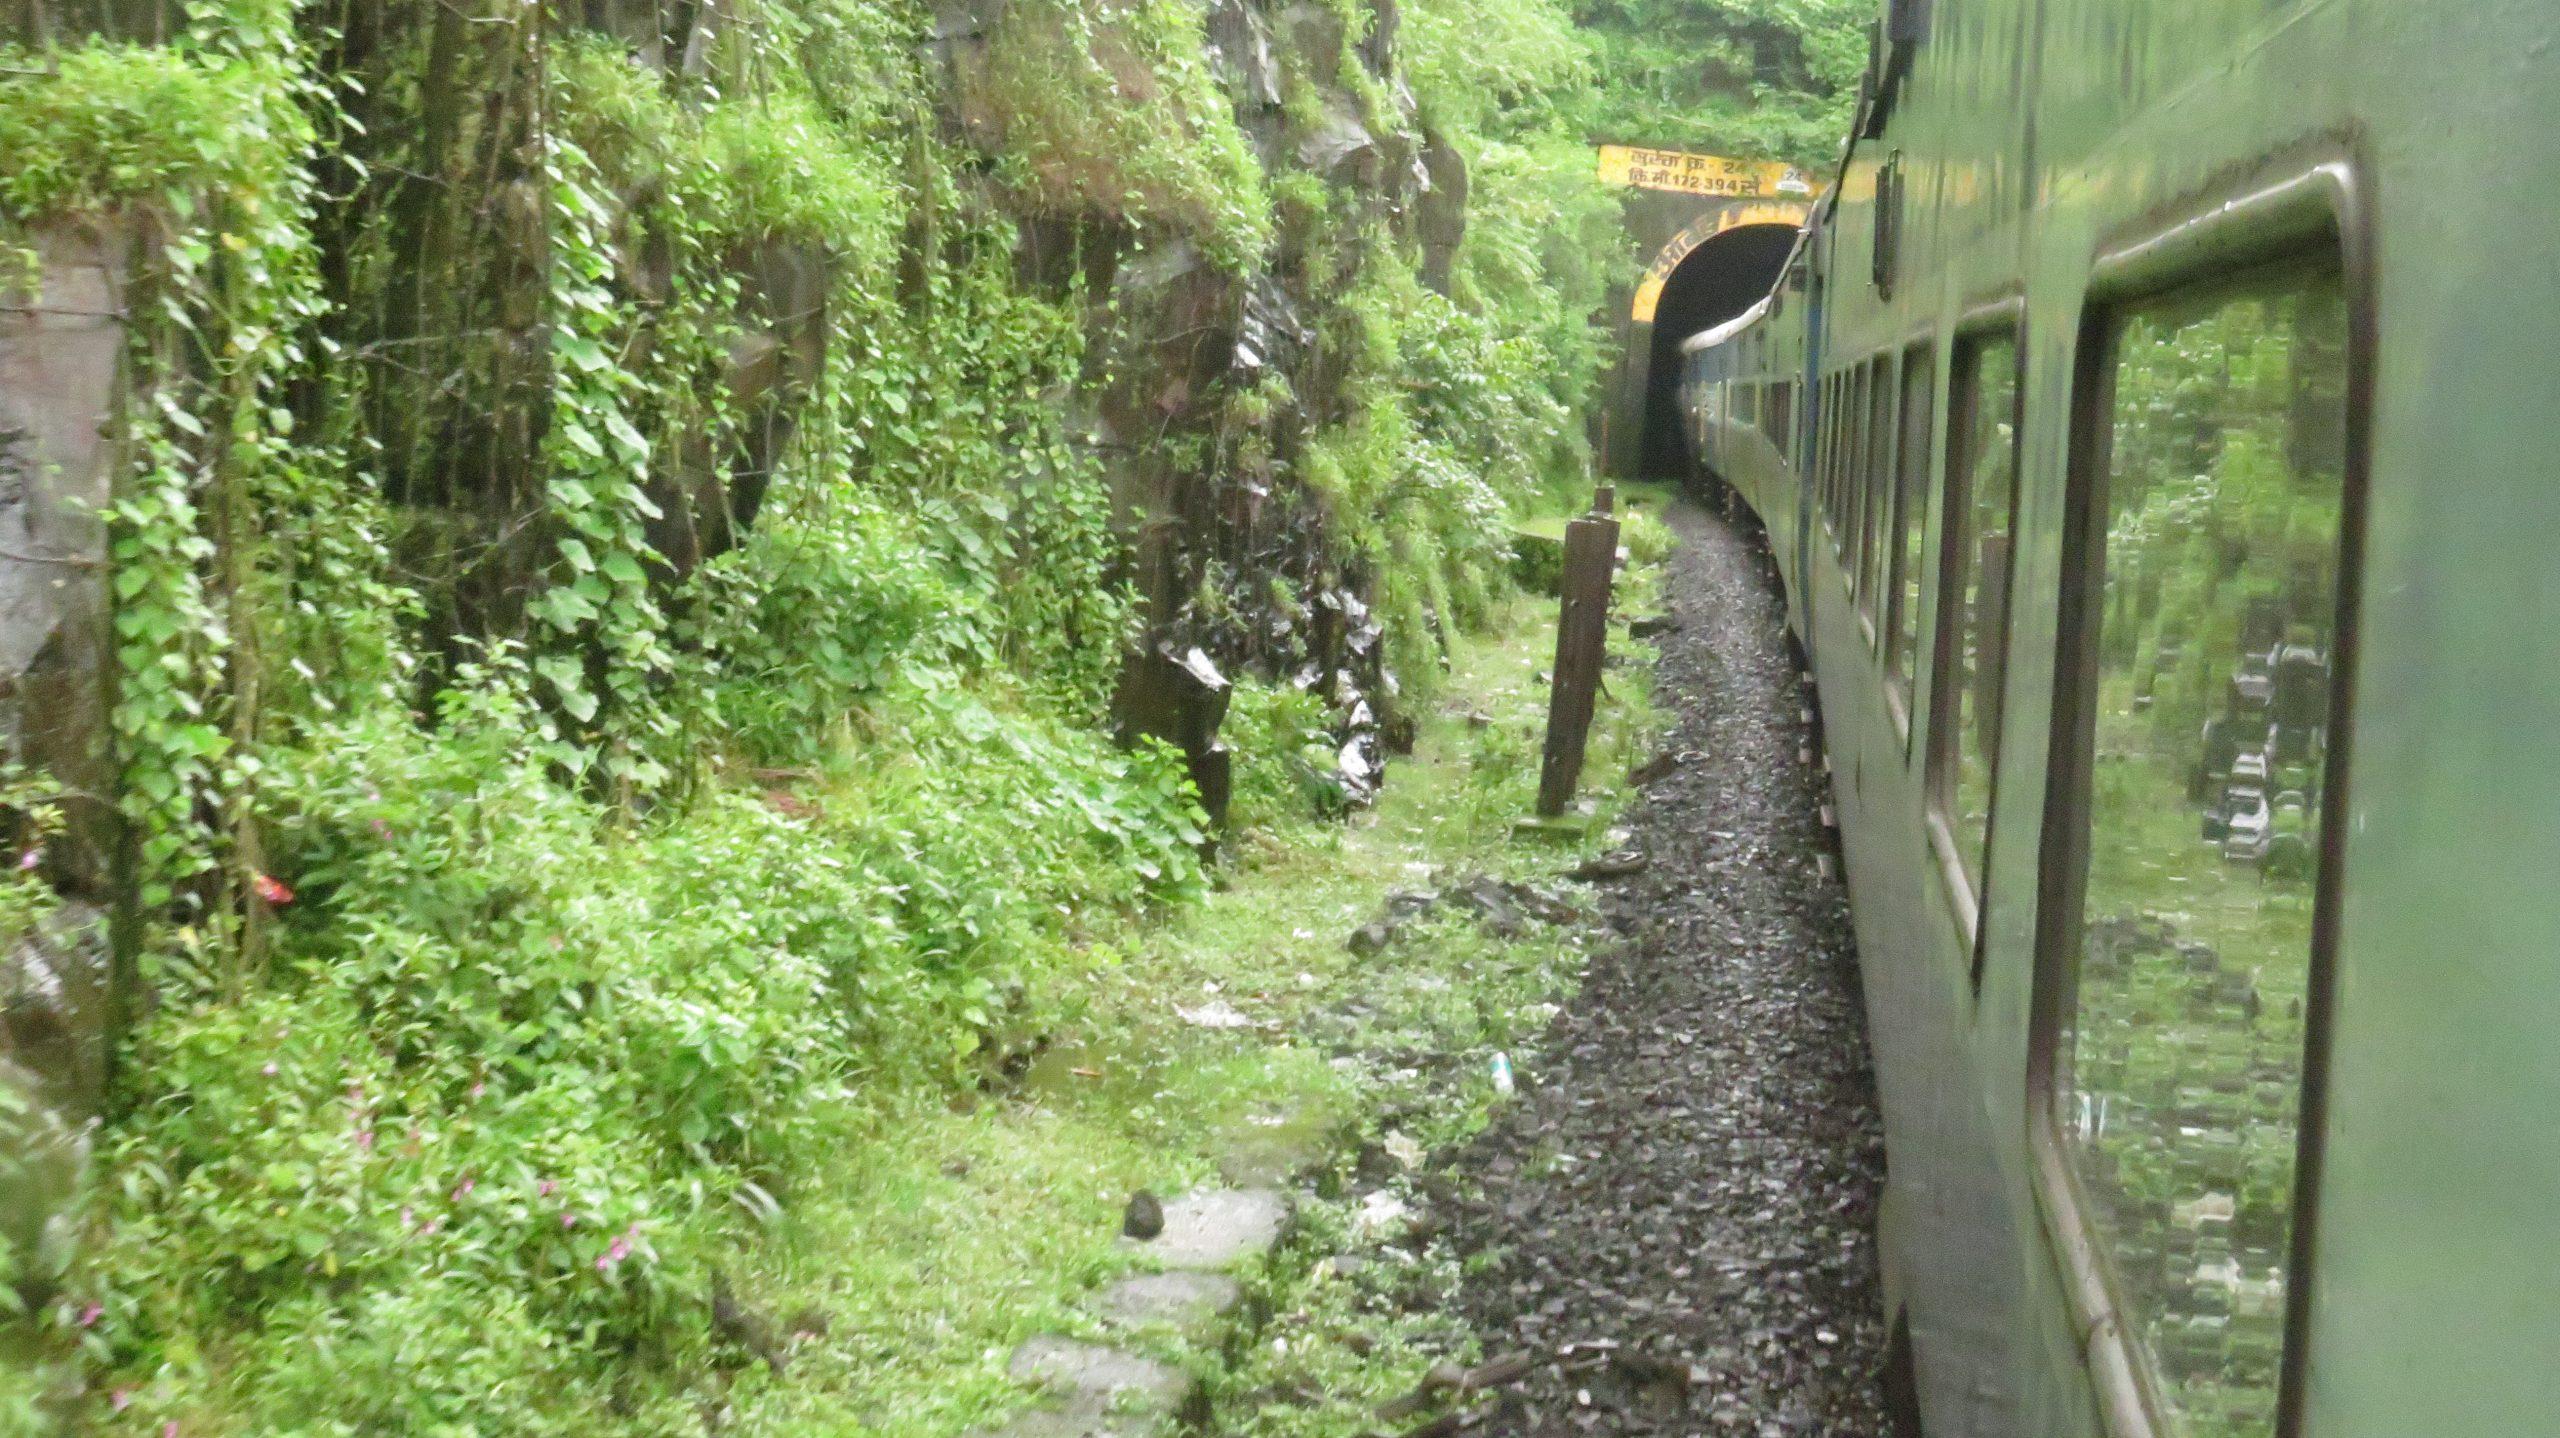 Rail tunnel view